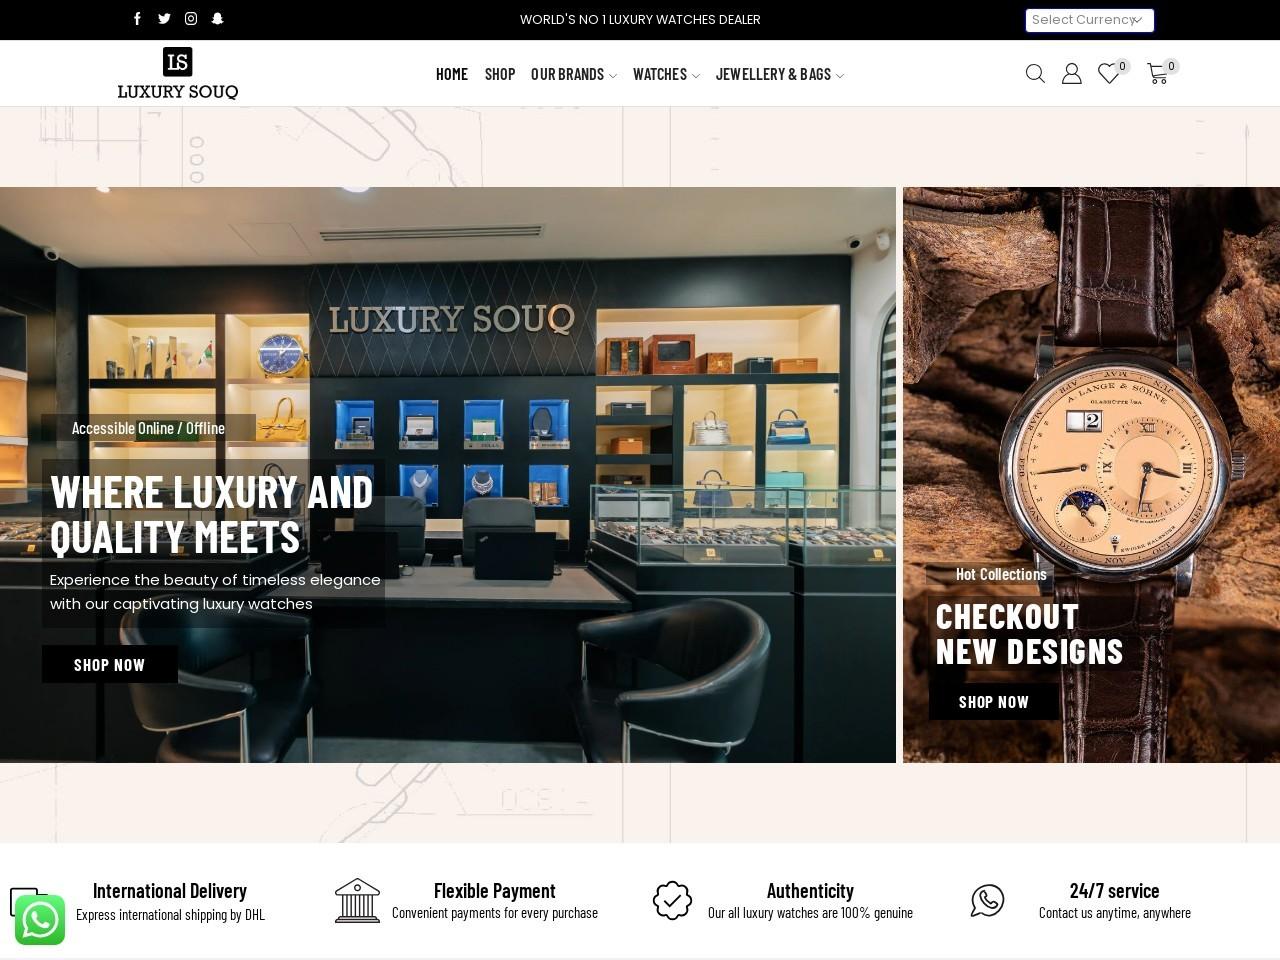 BUY LUXURY BELL & ROSS watches in Dubai BREGUET CLASSIQUE 39MM PLATINUM MEN'S WATCH